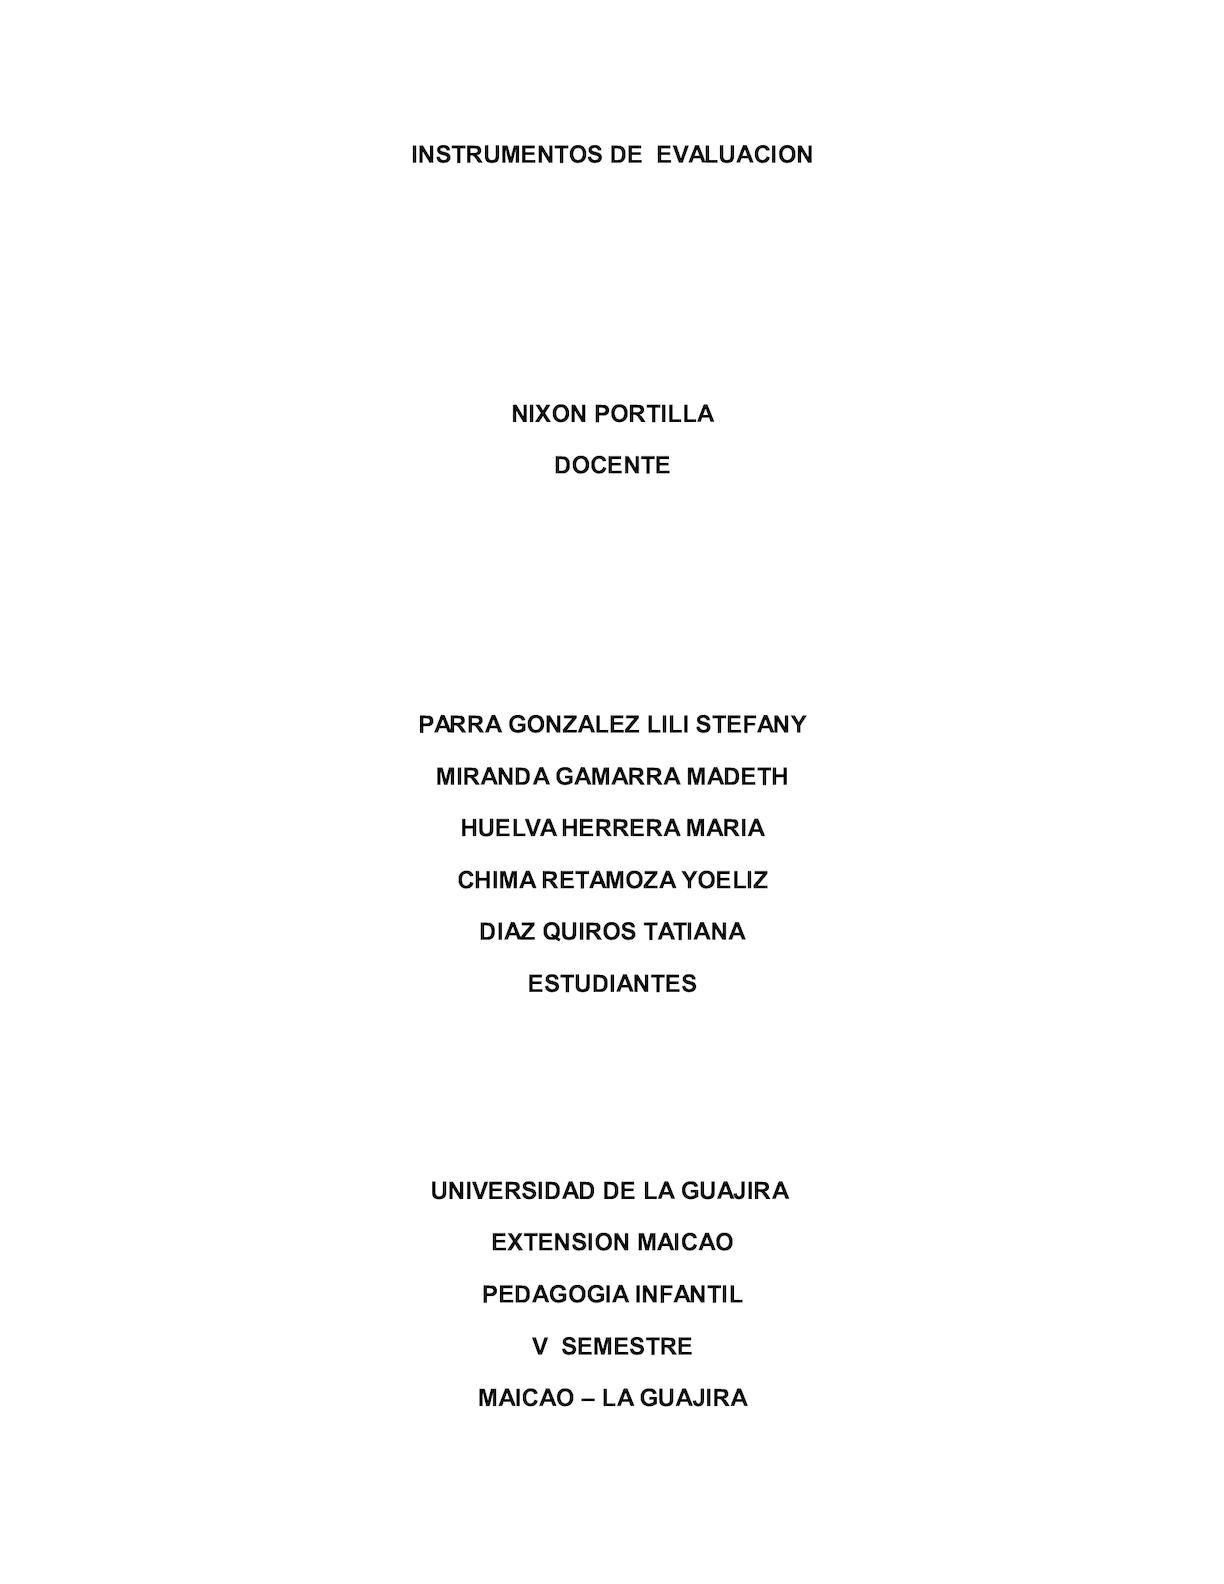 Nombre Caperucita Roja Version Porno calaméo - instrumentos d evaluacion